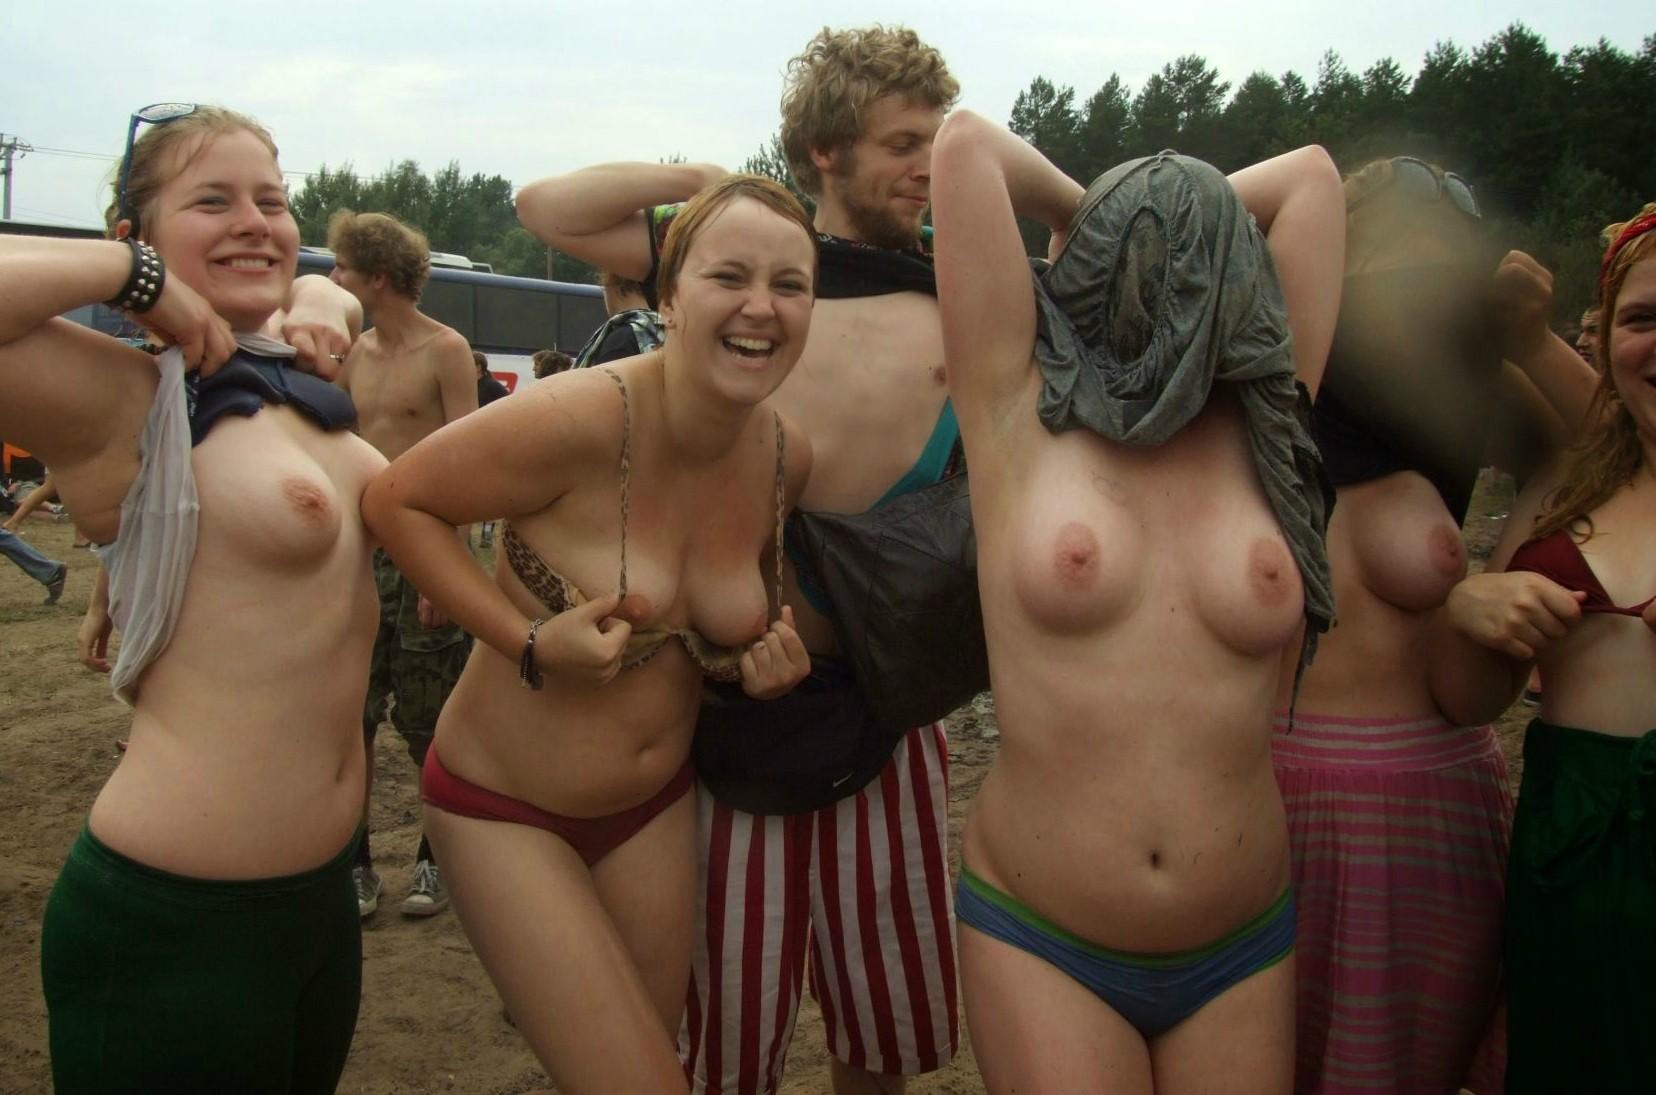 Отпускницы дразнят своими сиськами и загорелым туловищем смотреть эротику